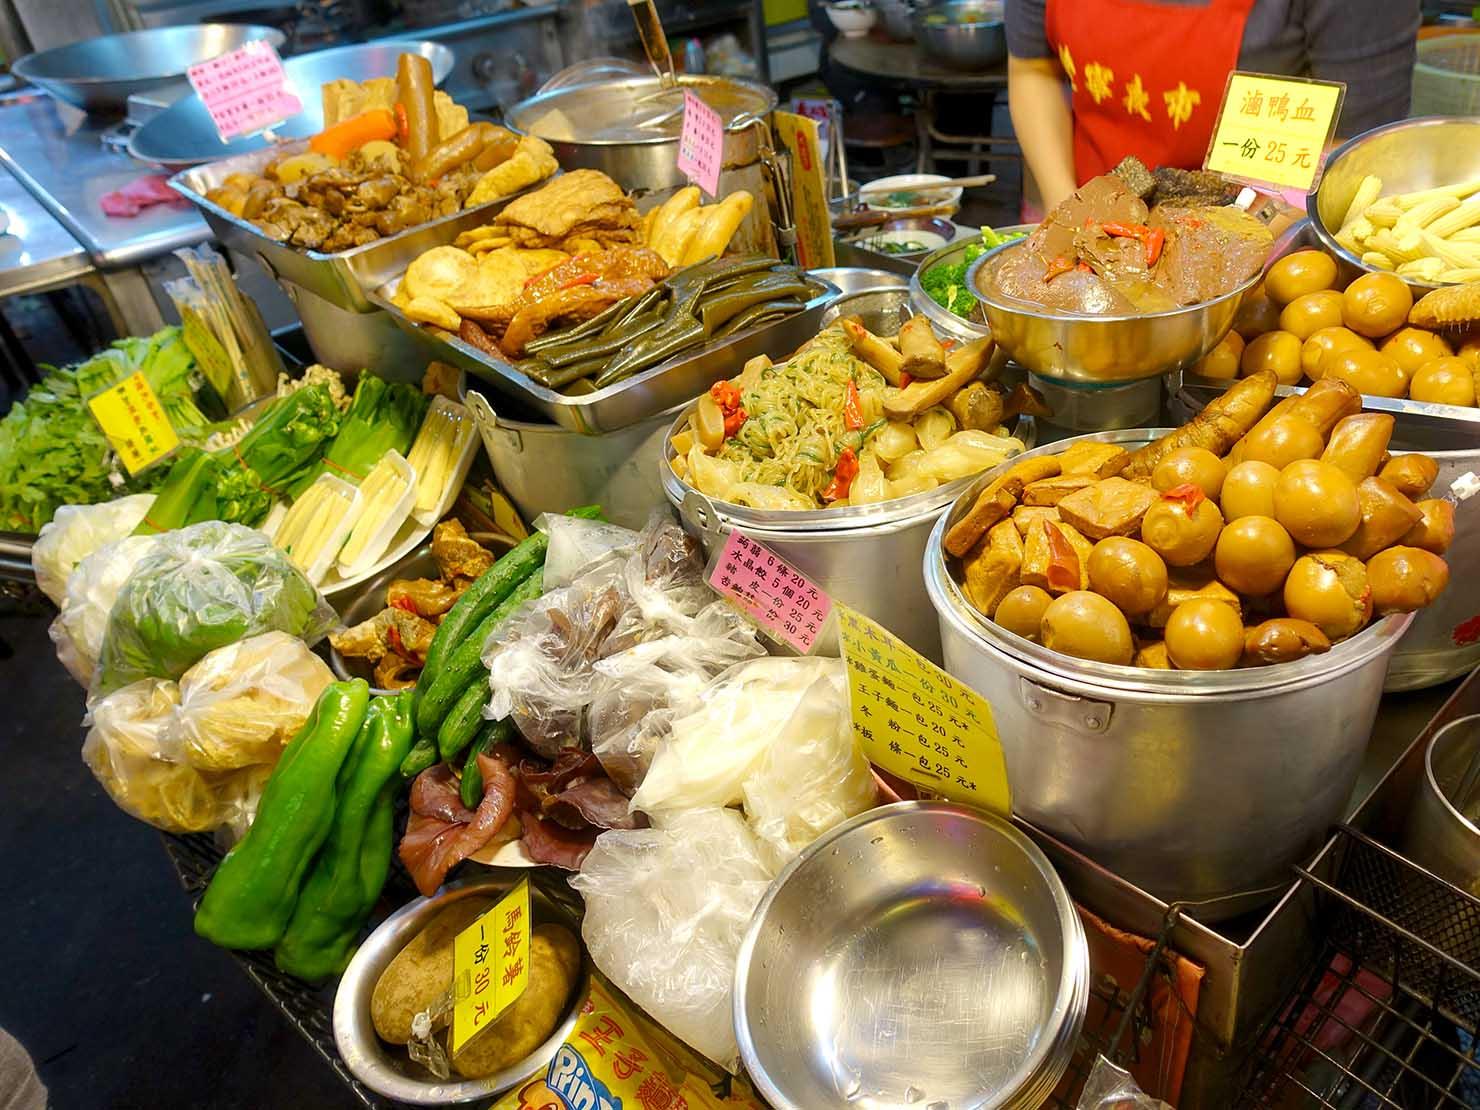 台北・遼寧街夜市のおすすめグルメ店「葉記滷味」の軒先に並ぶ食材たち